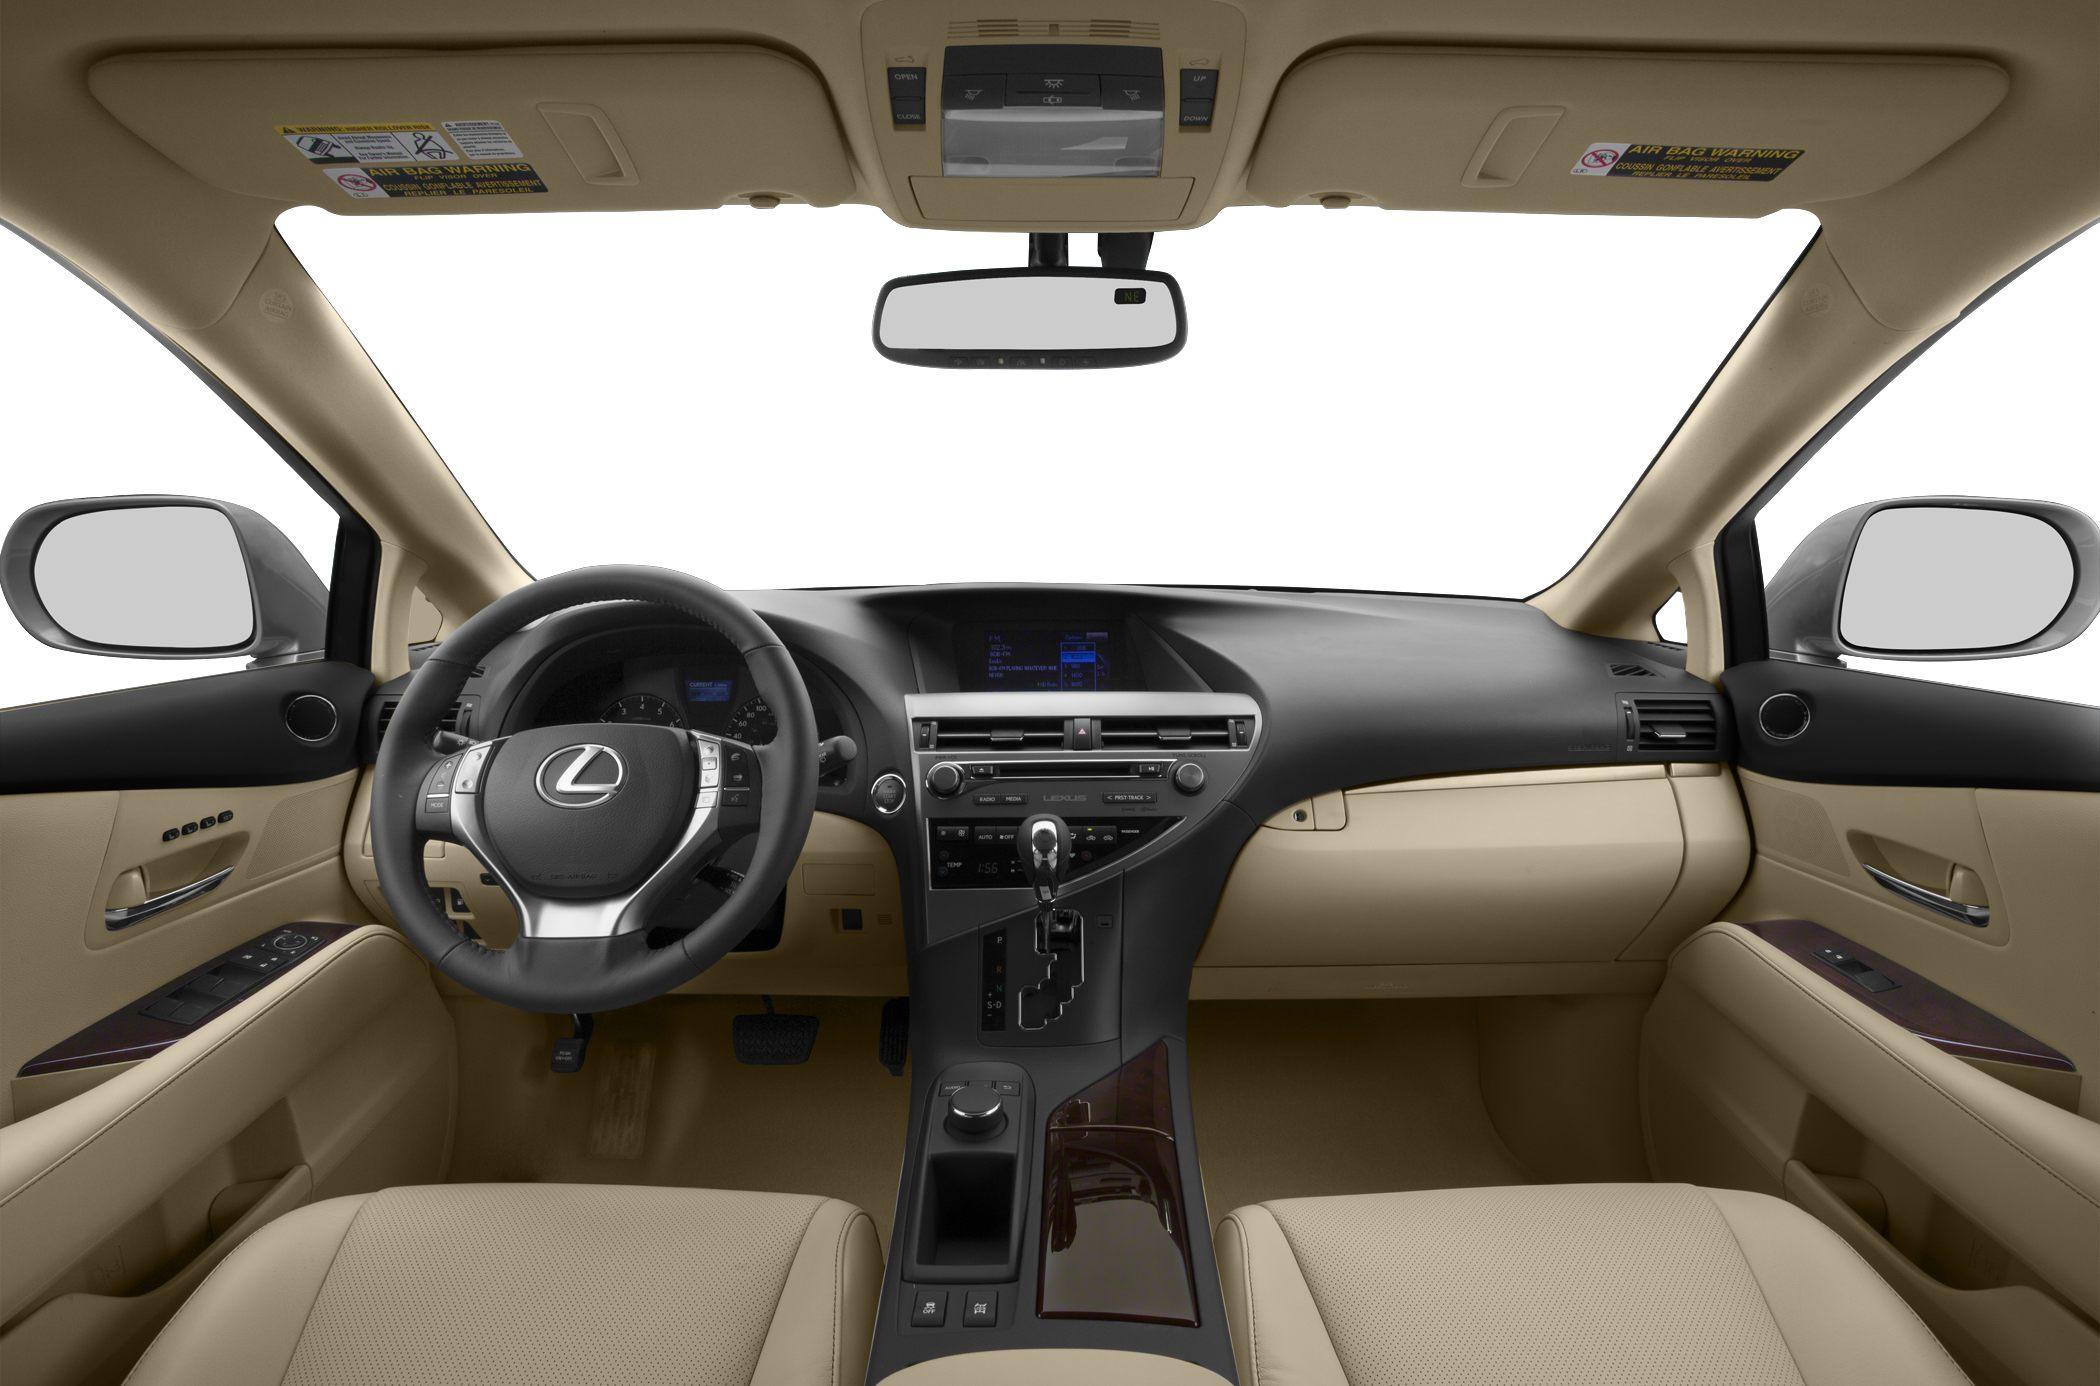 2015 Lexus RX 350 Interior